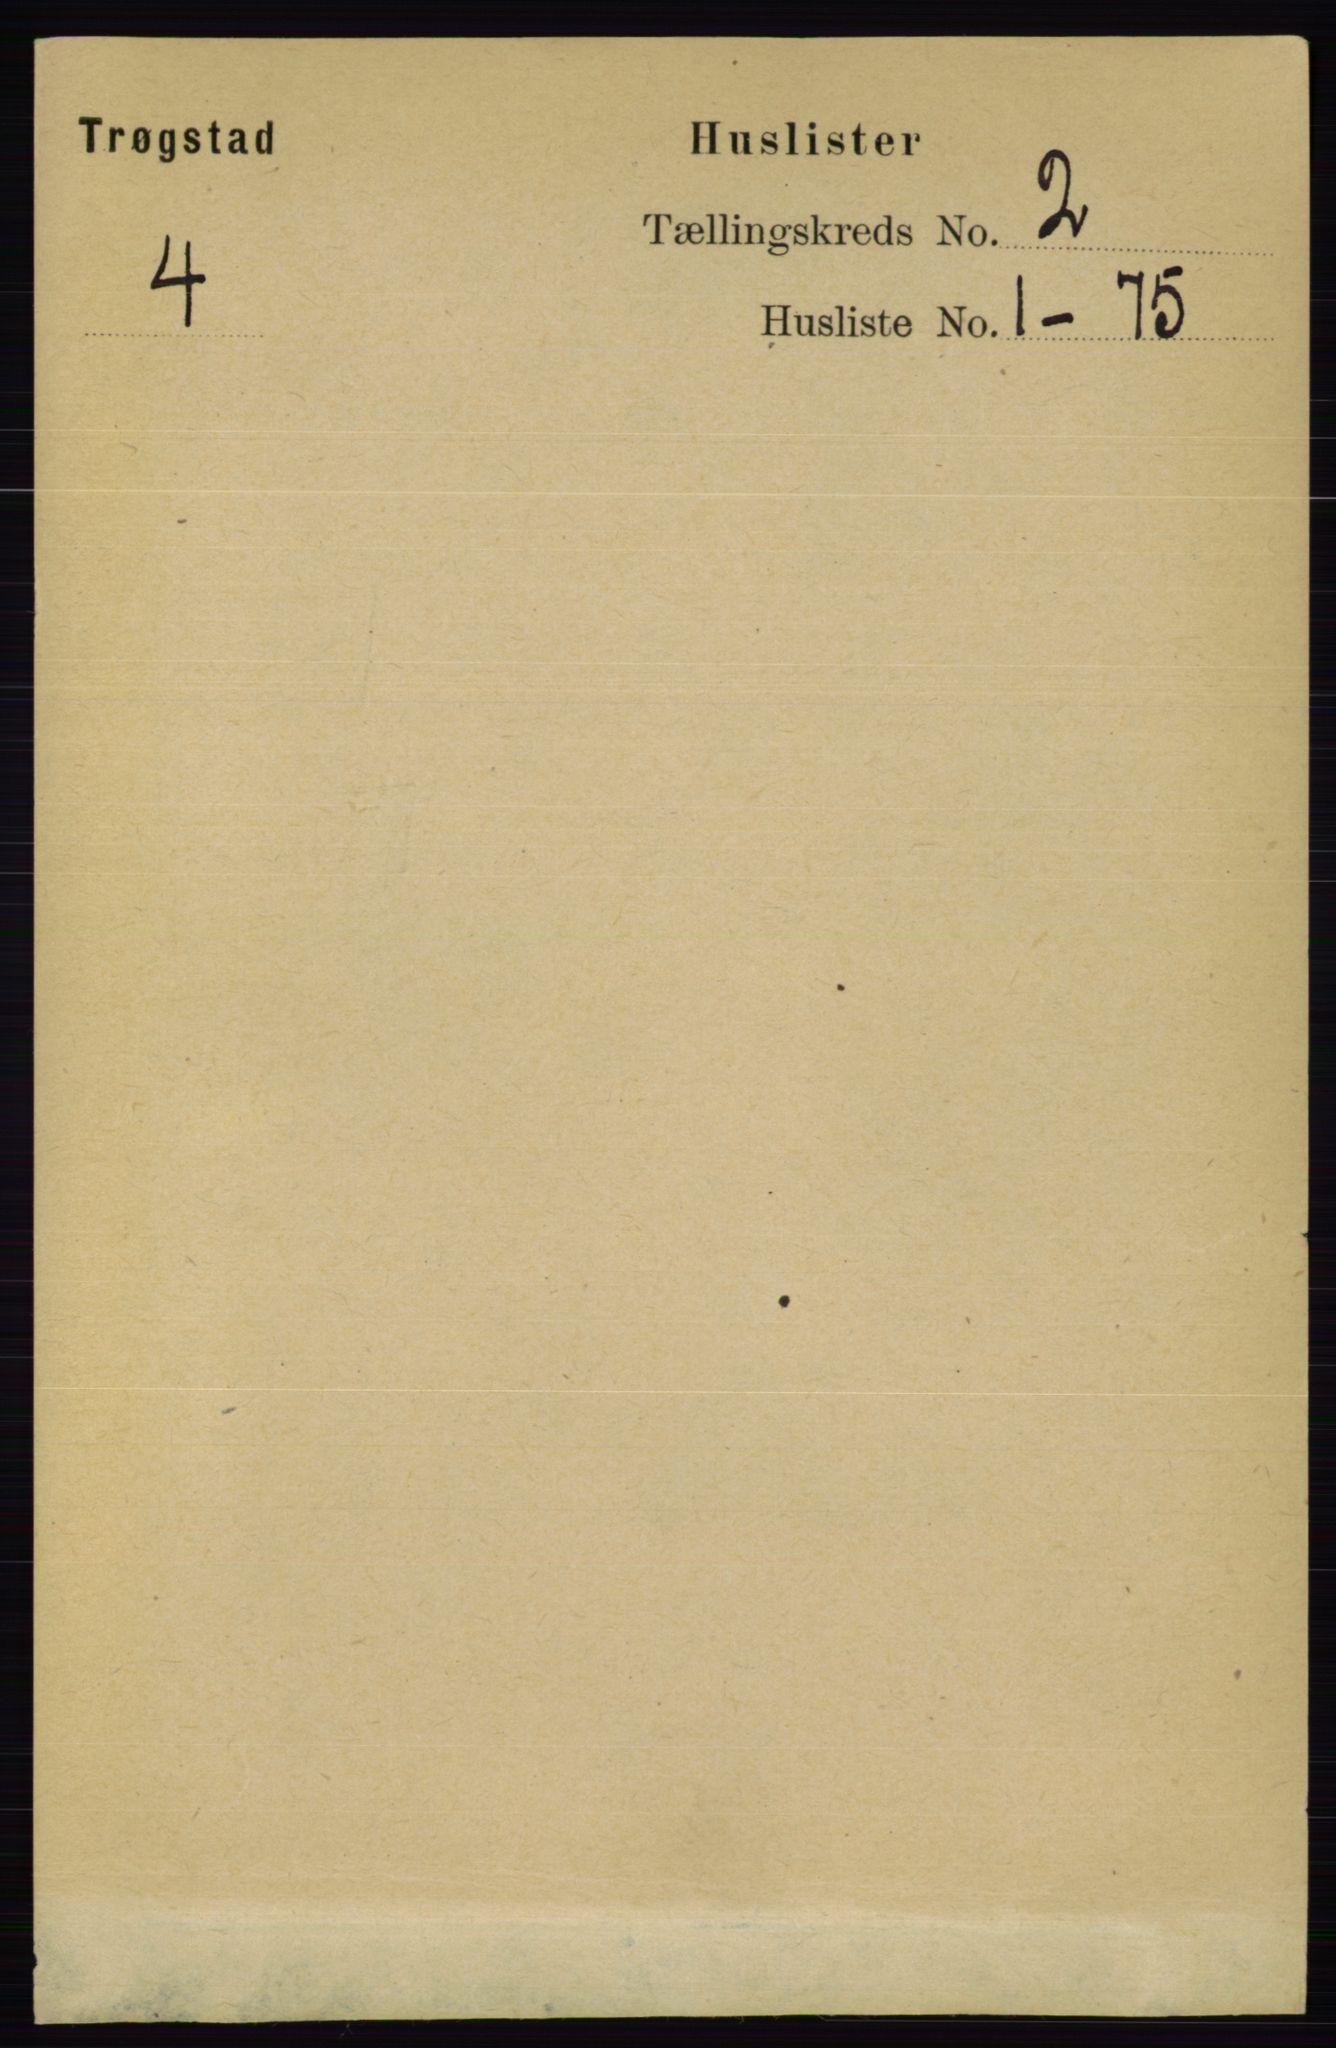 RA, Folketelling 1891 for 0122 Trøgstad herred, 1891, s. 470